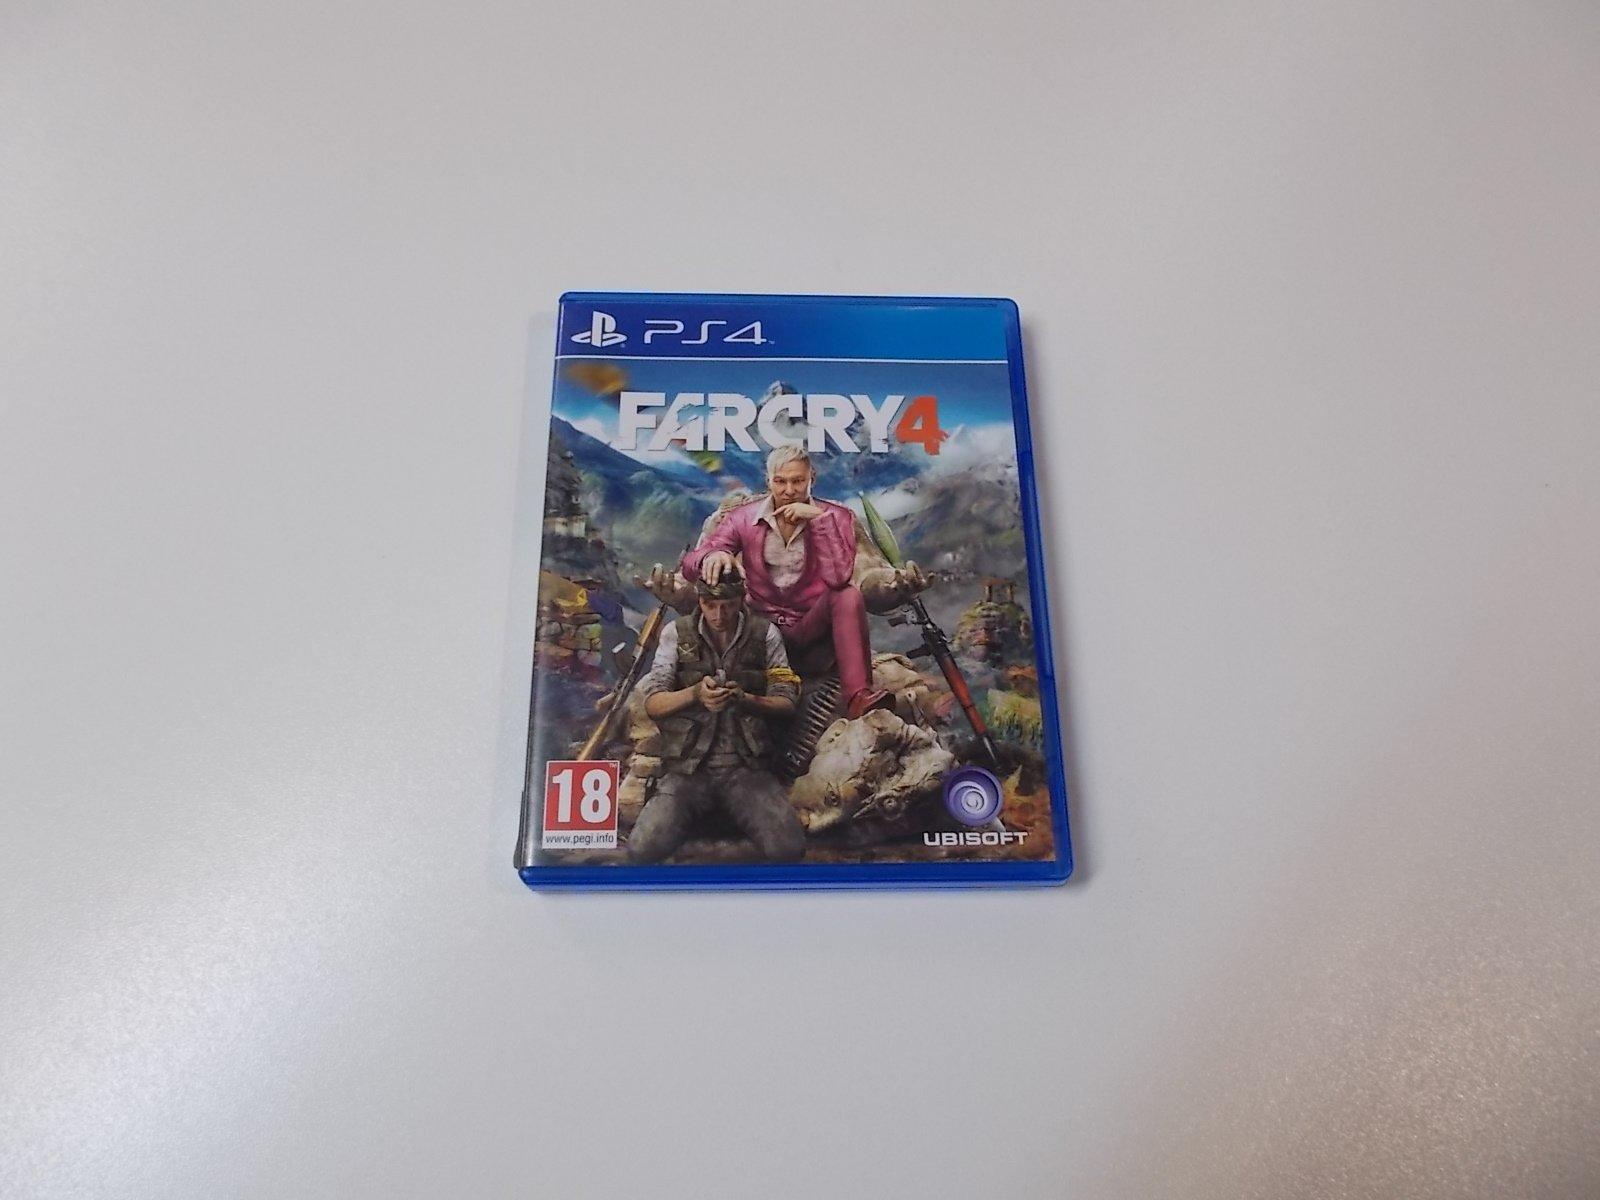 FarCry 4 - GRA Ps4 - Opole 0470